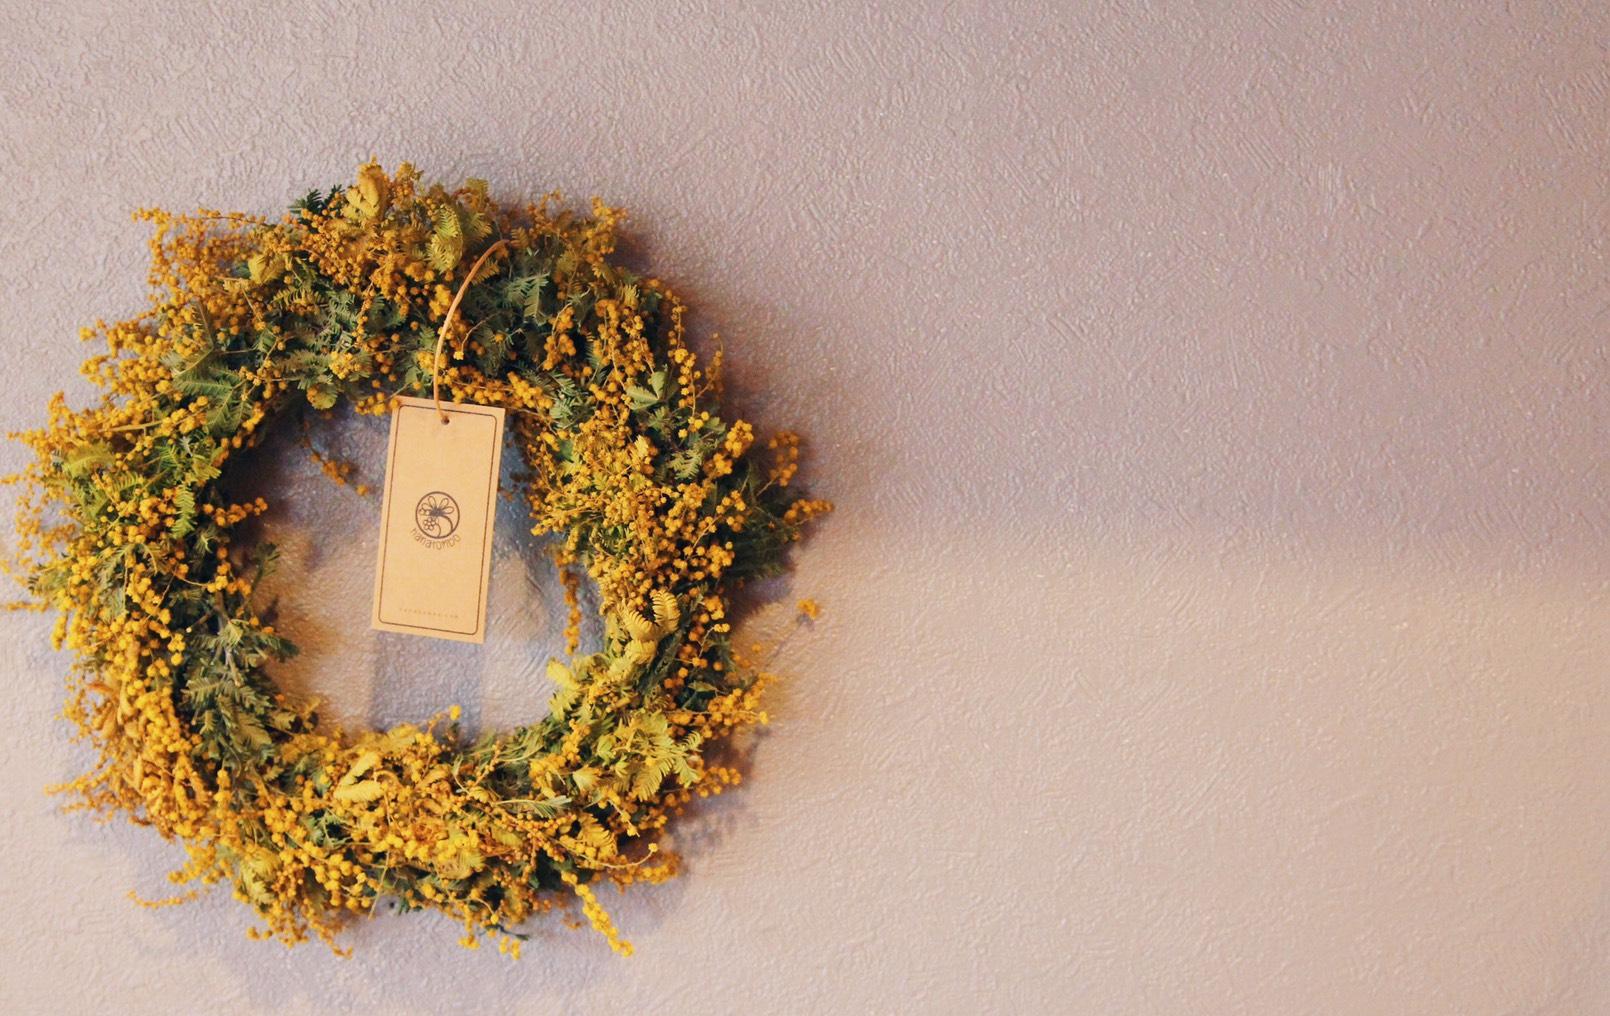 mimosa wreath - ひみつの花屋でのワークショップは未定です*定員8名です (一人でも開催致します)*ハサミ、道具などこちらでご用意致します*作った作品はお持ち帰り出来ます*申し込みの締め切りはワークショップ当日2日前です*子連れ様も大歓迎です!